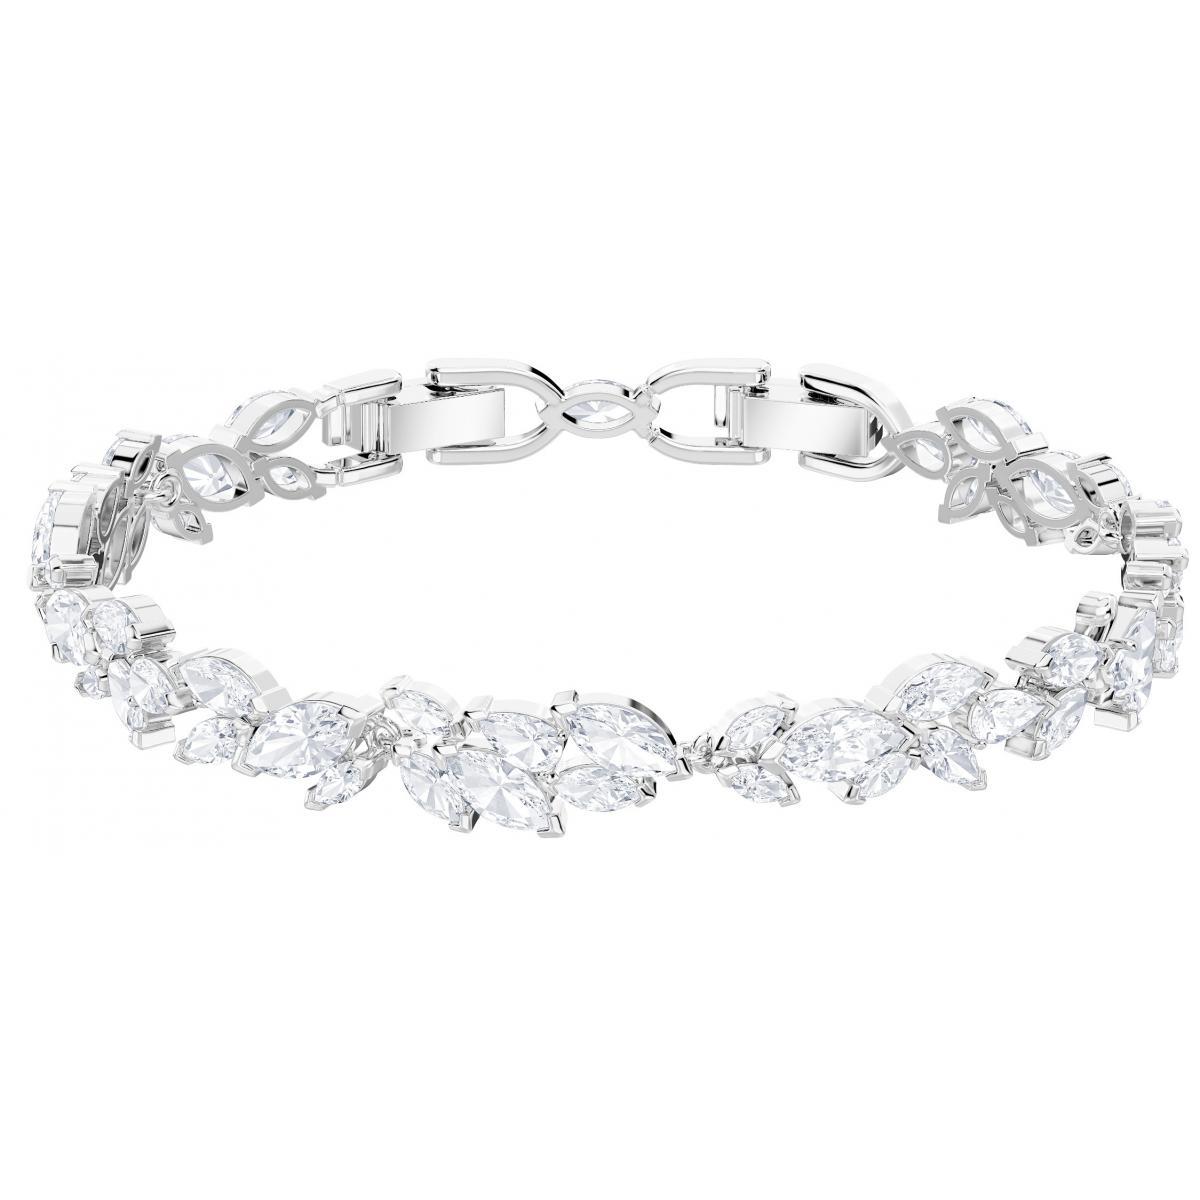 Bracelet Swarovski Bijoux 5419244 Femme